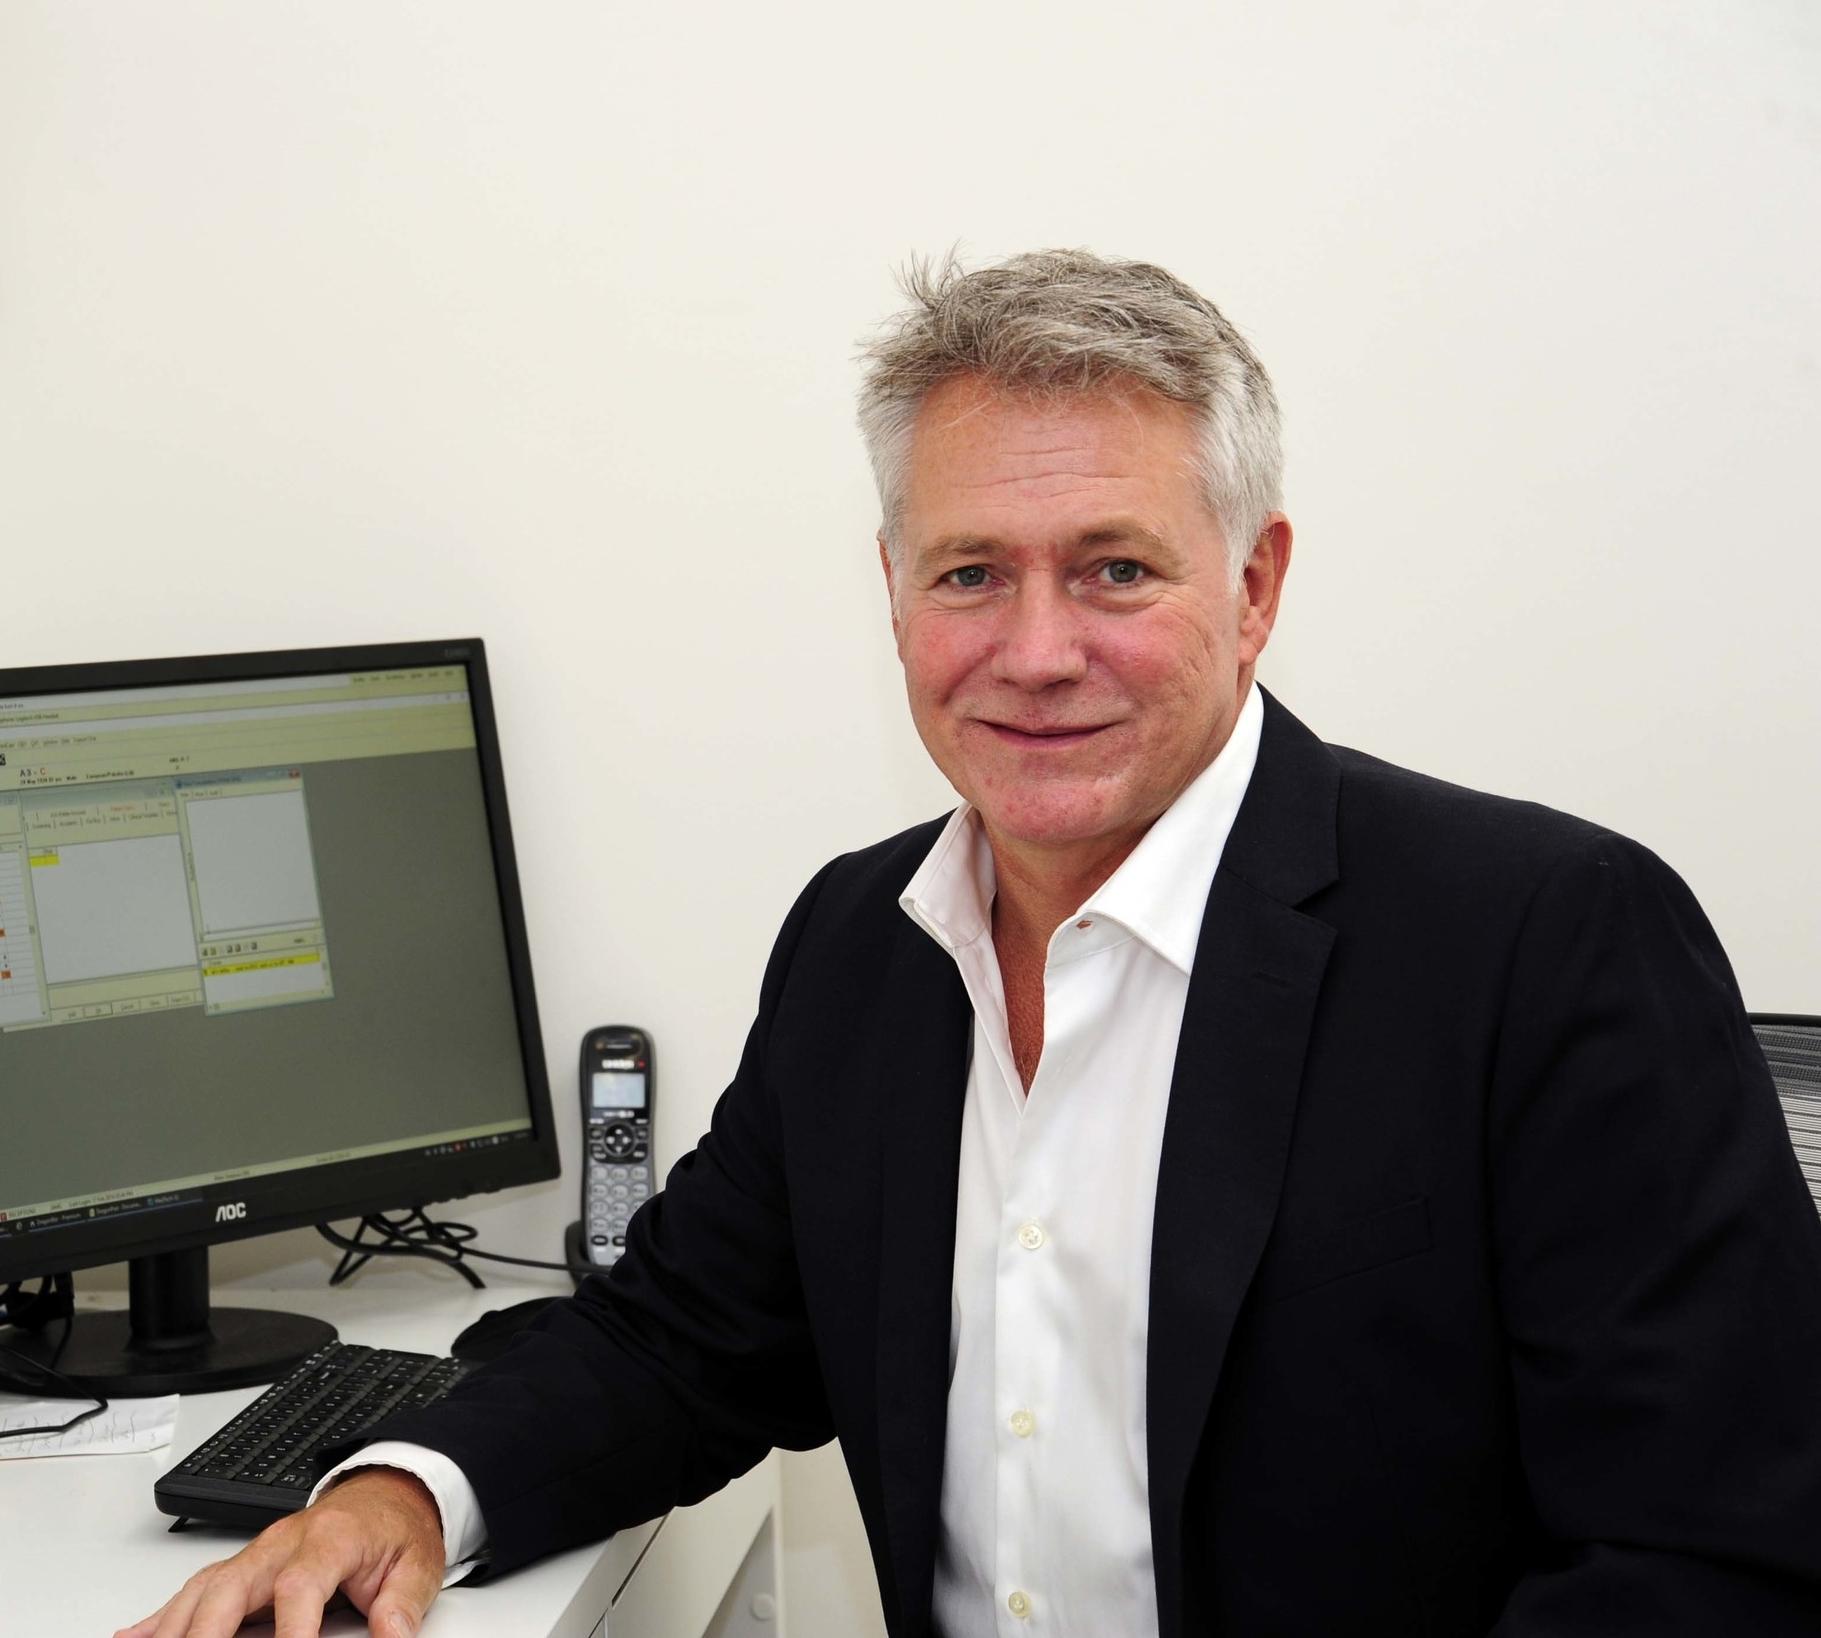 Doctor Andrew MacGill